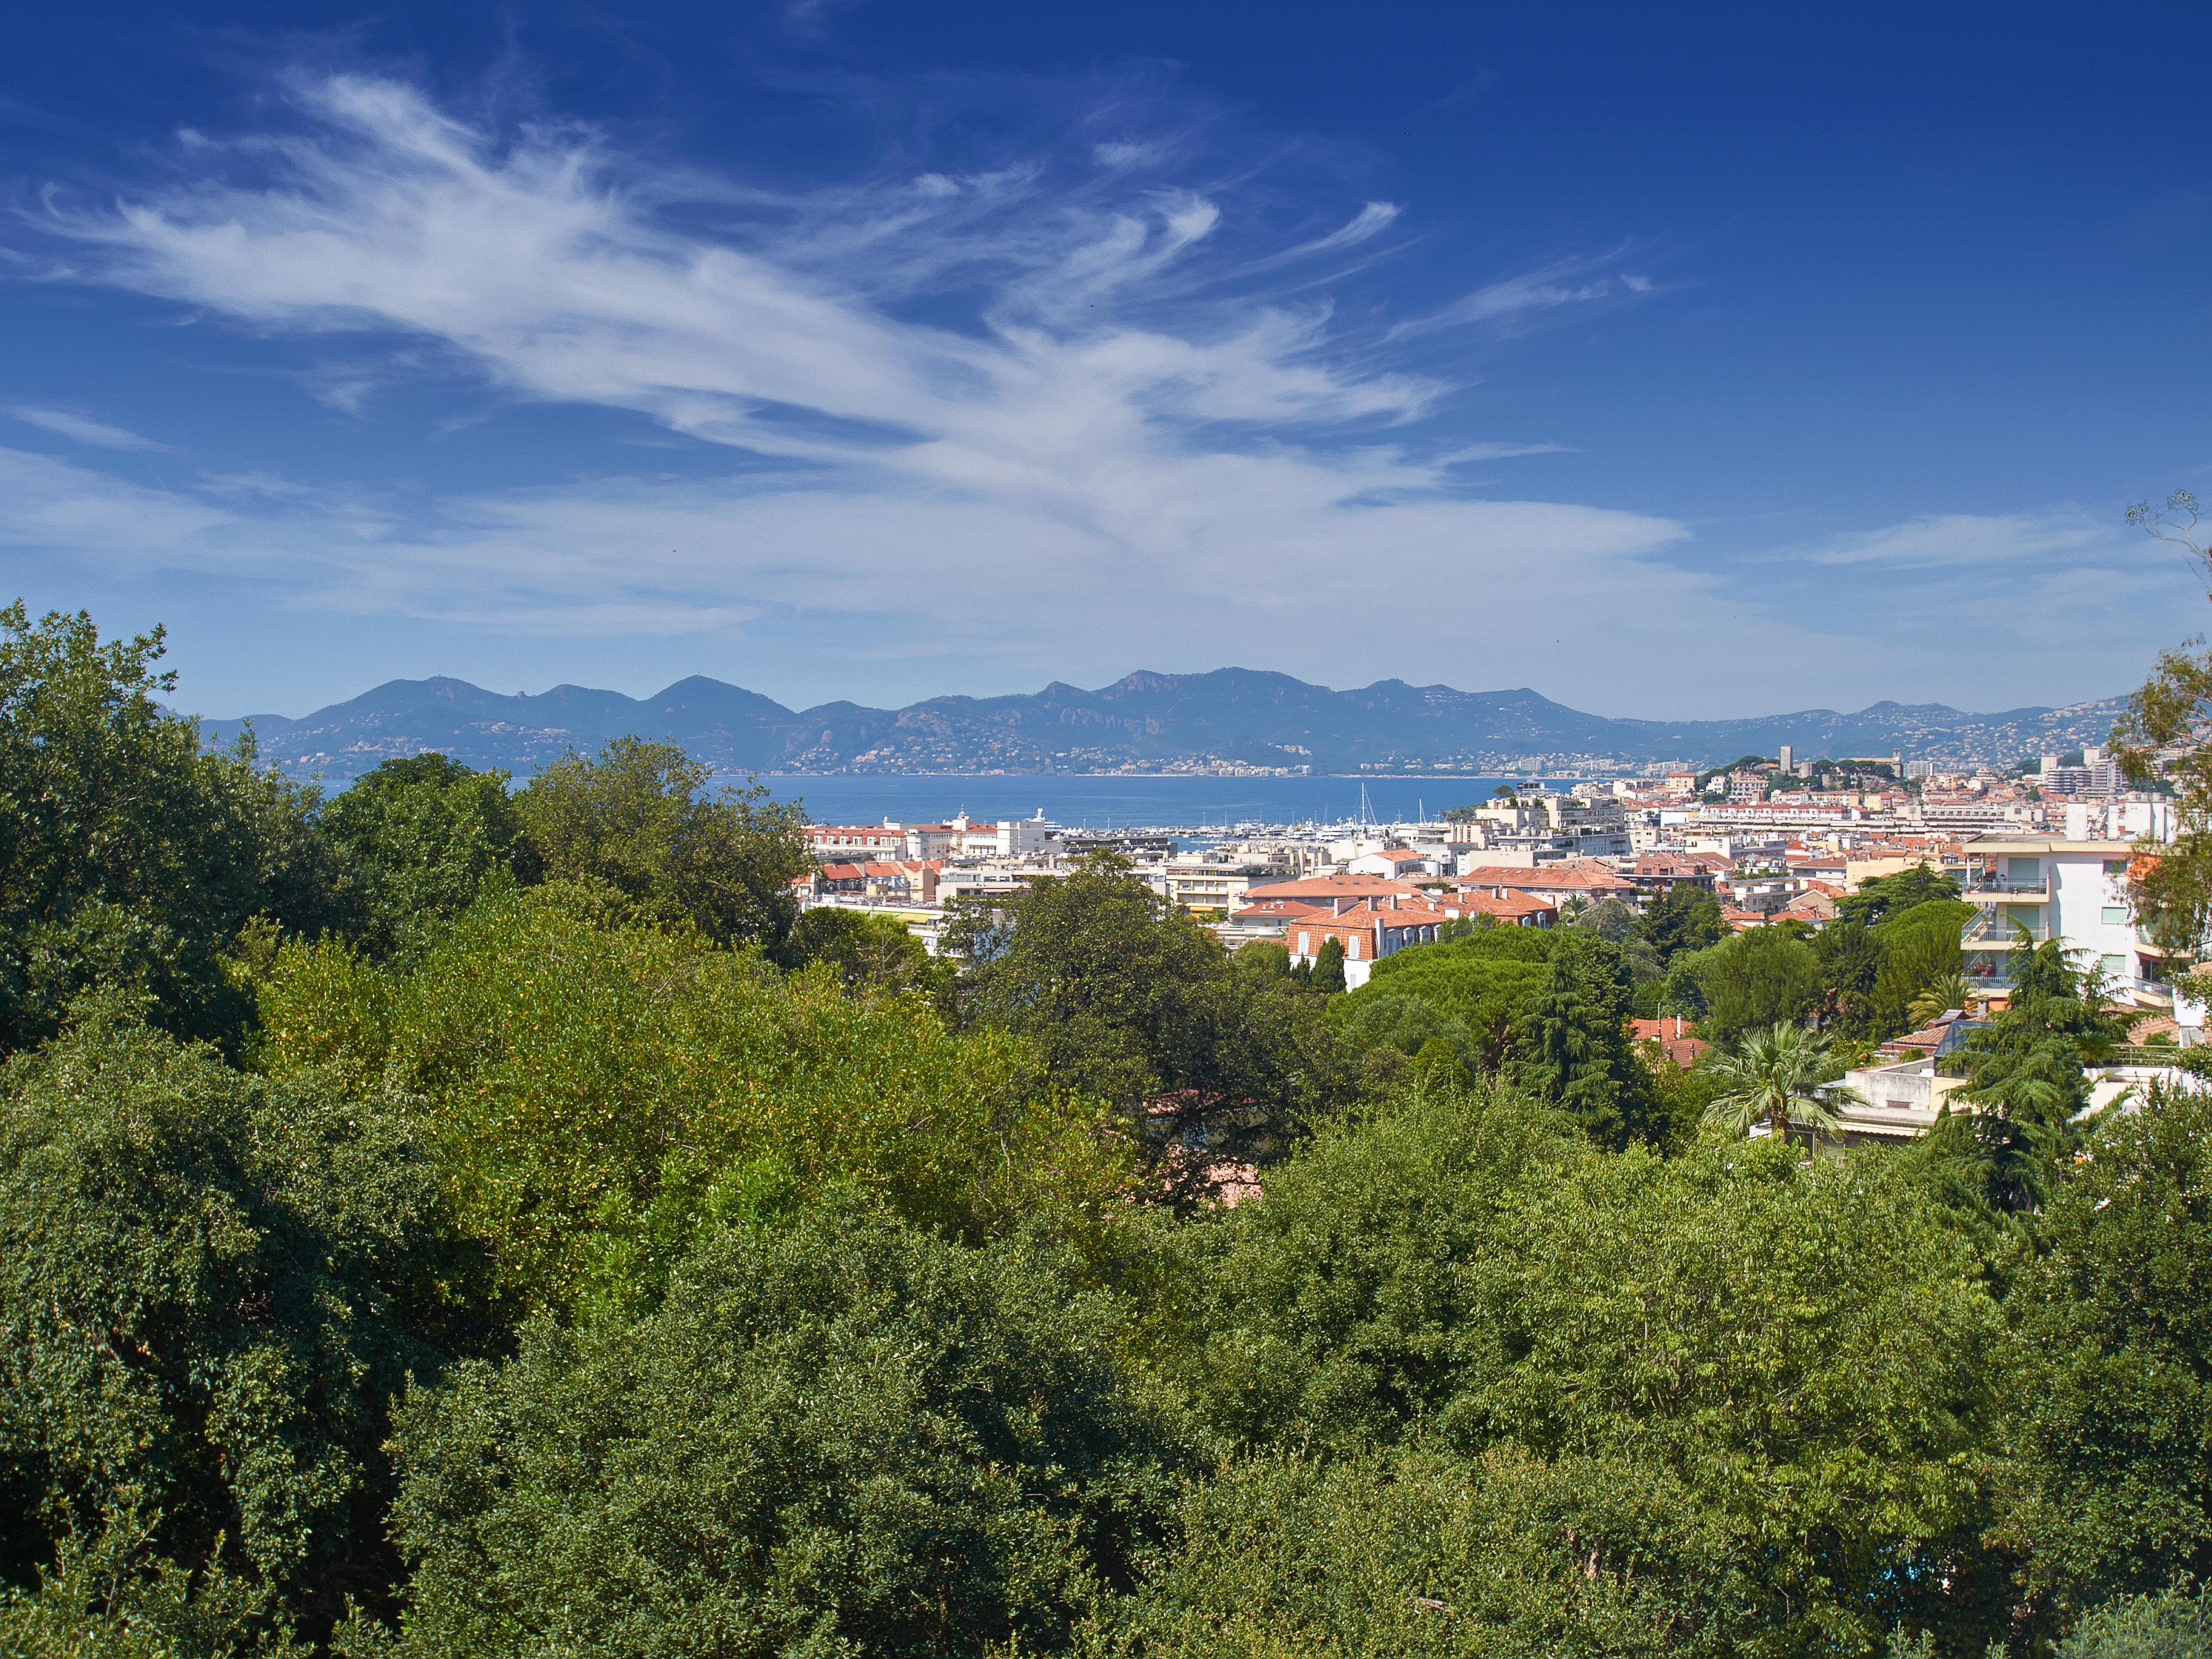 Apartamento para Venda às Panoramic sea views for this 4 roomed apartment in the 'Californie' Cannes Cannes, Provença-Alpes-Costa Azul 06400 França